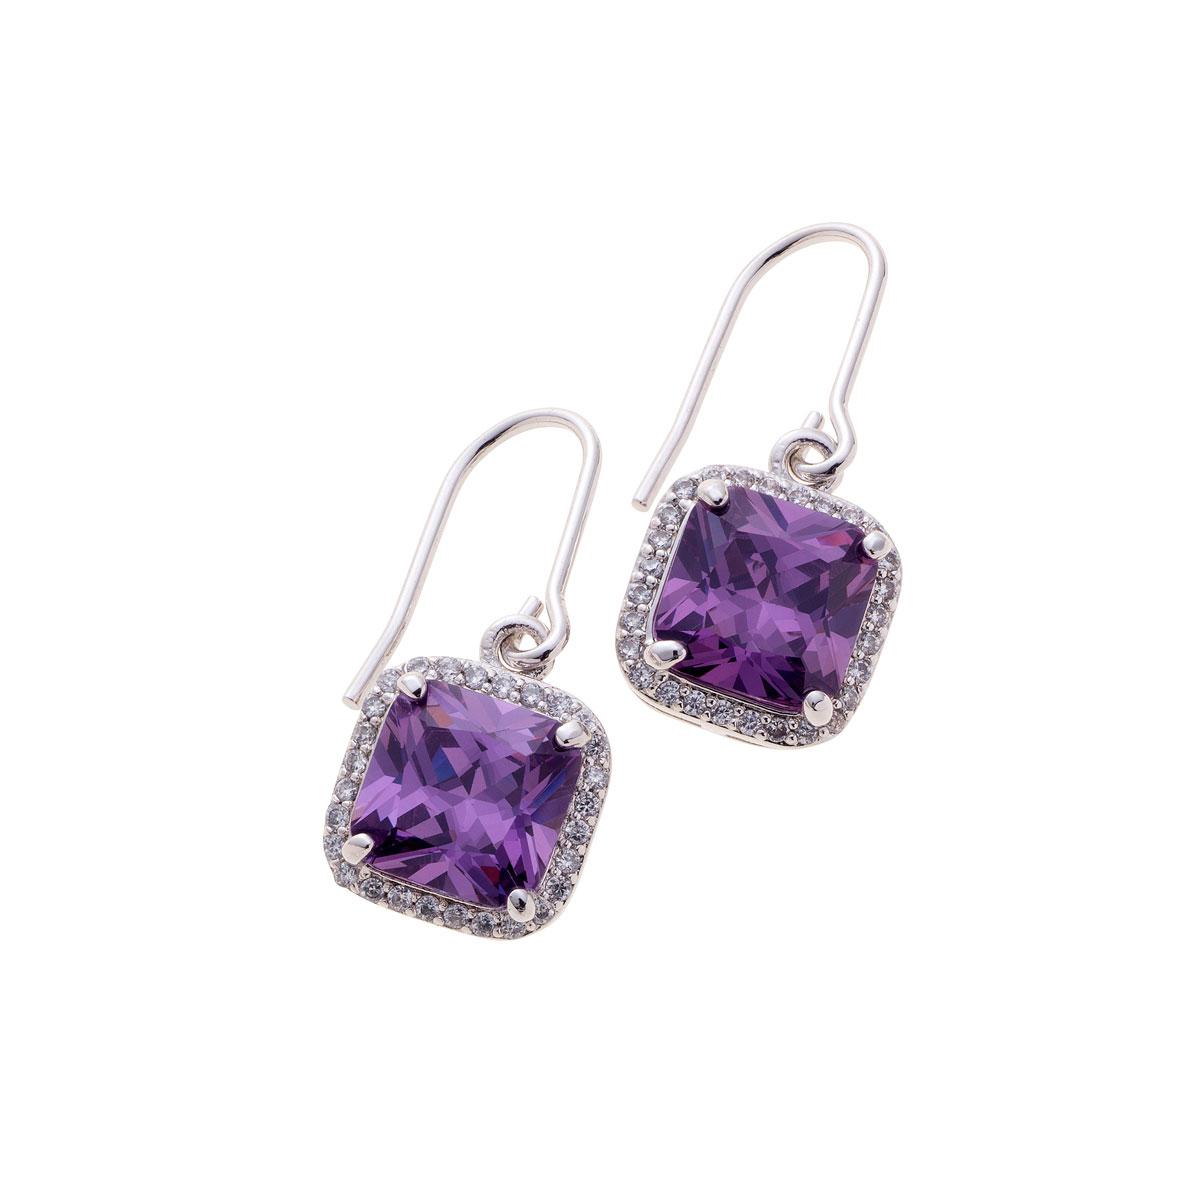 Belleek Living Jewelry Amethyst Earrings, Pair